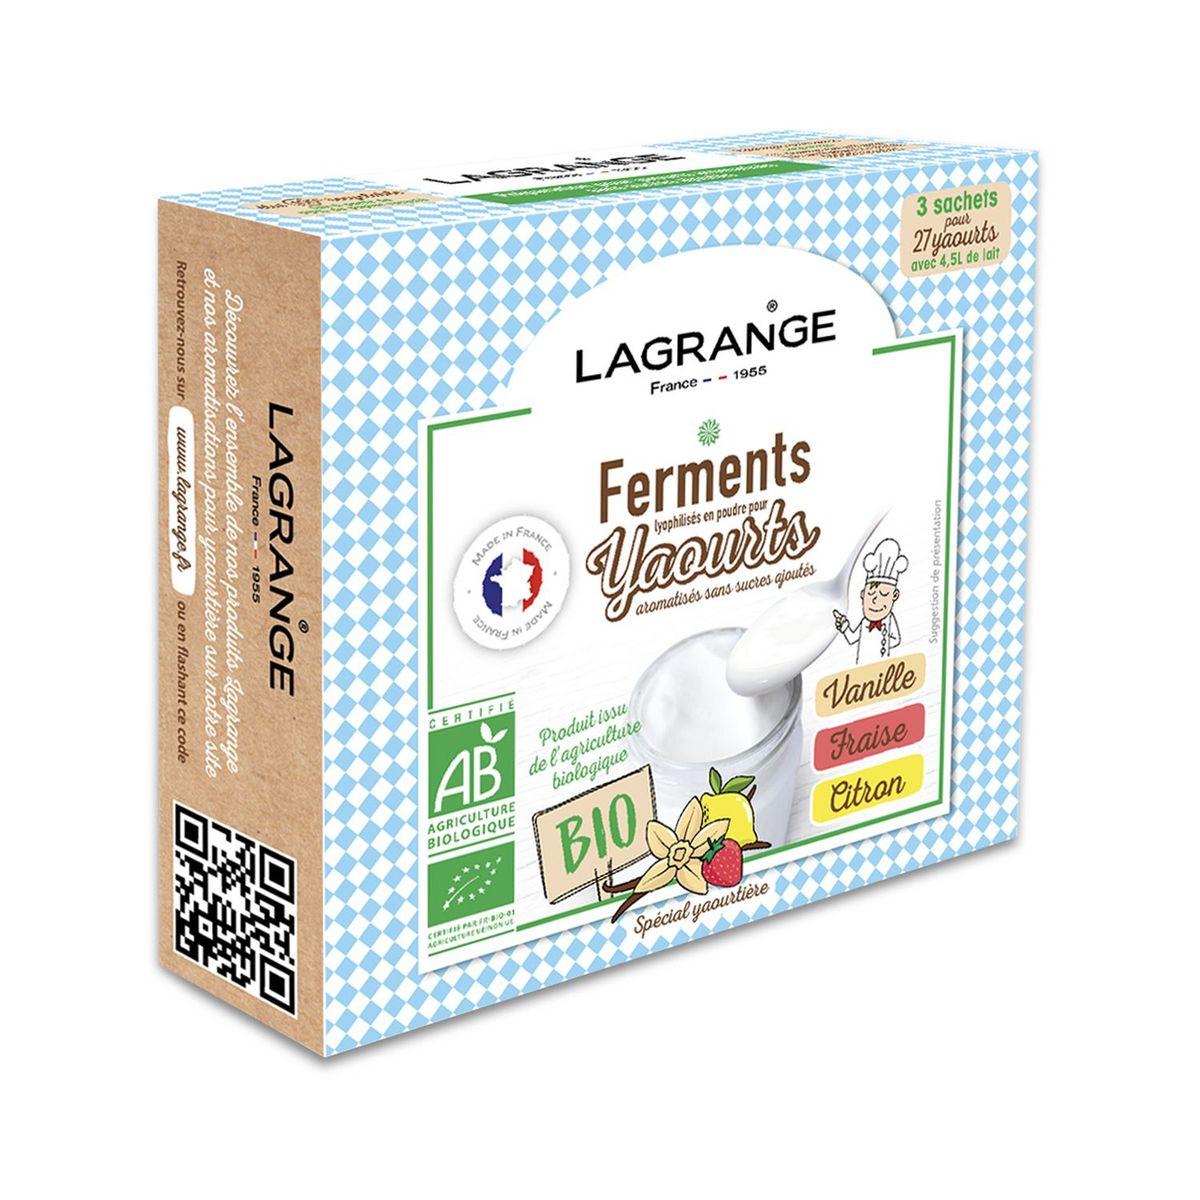 Arôme pour yaourt VANFRAISCITRO 385002